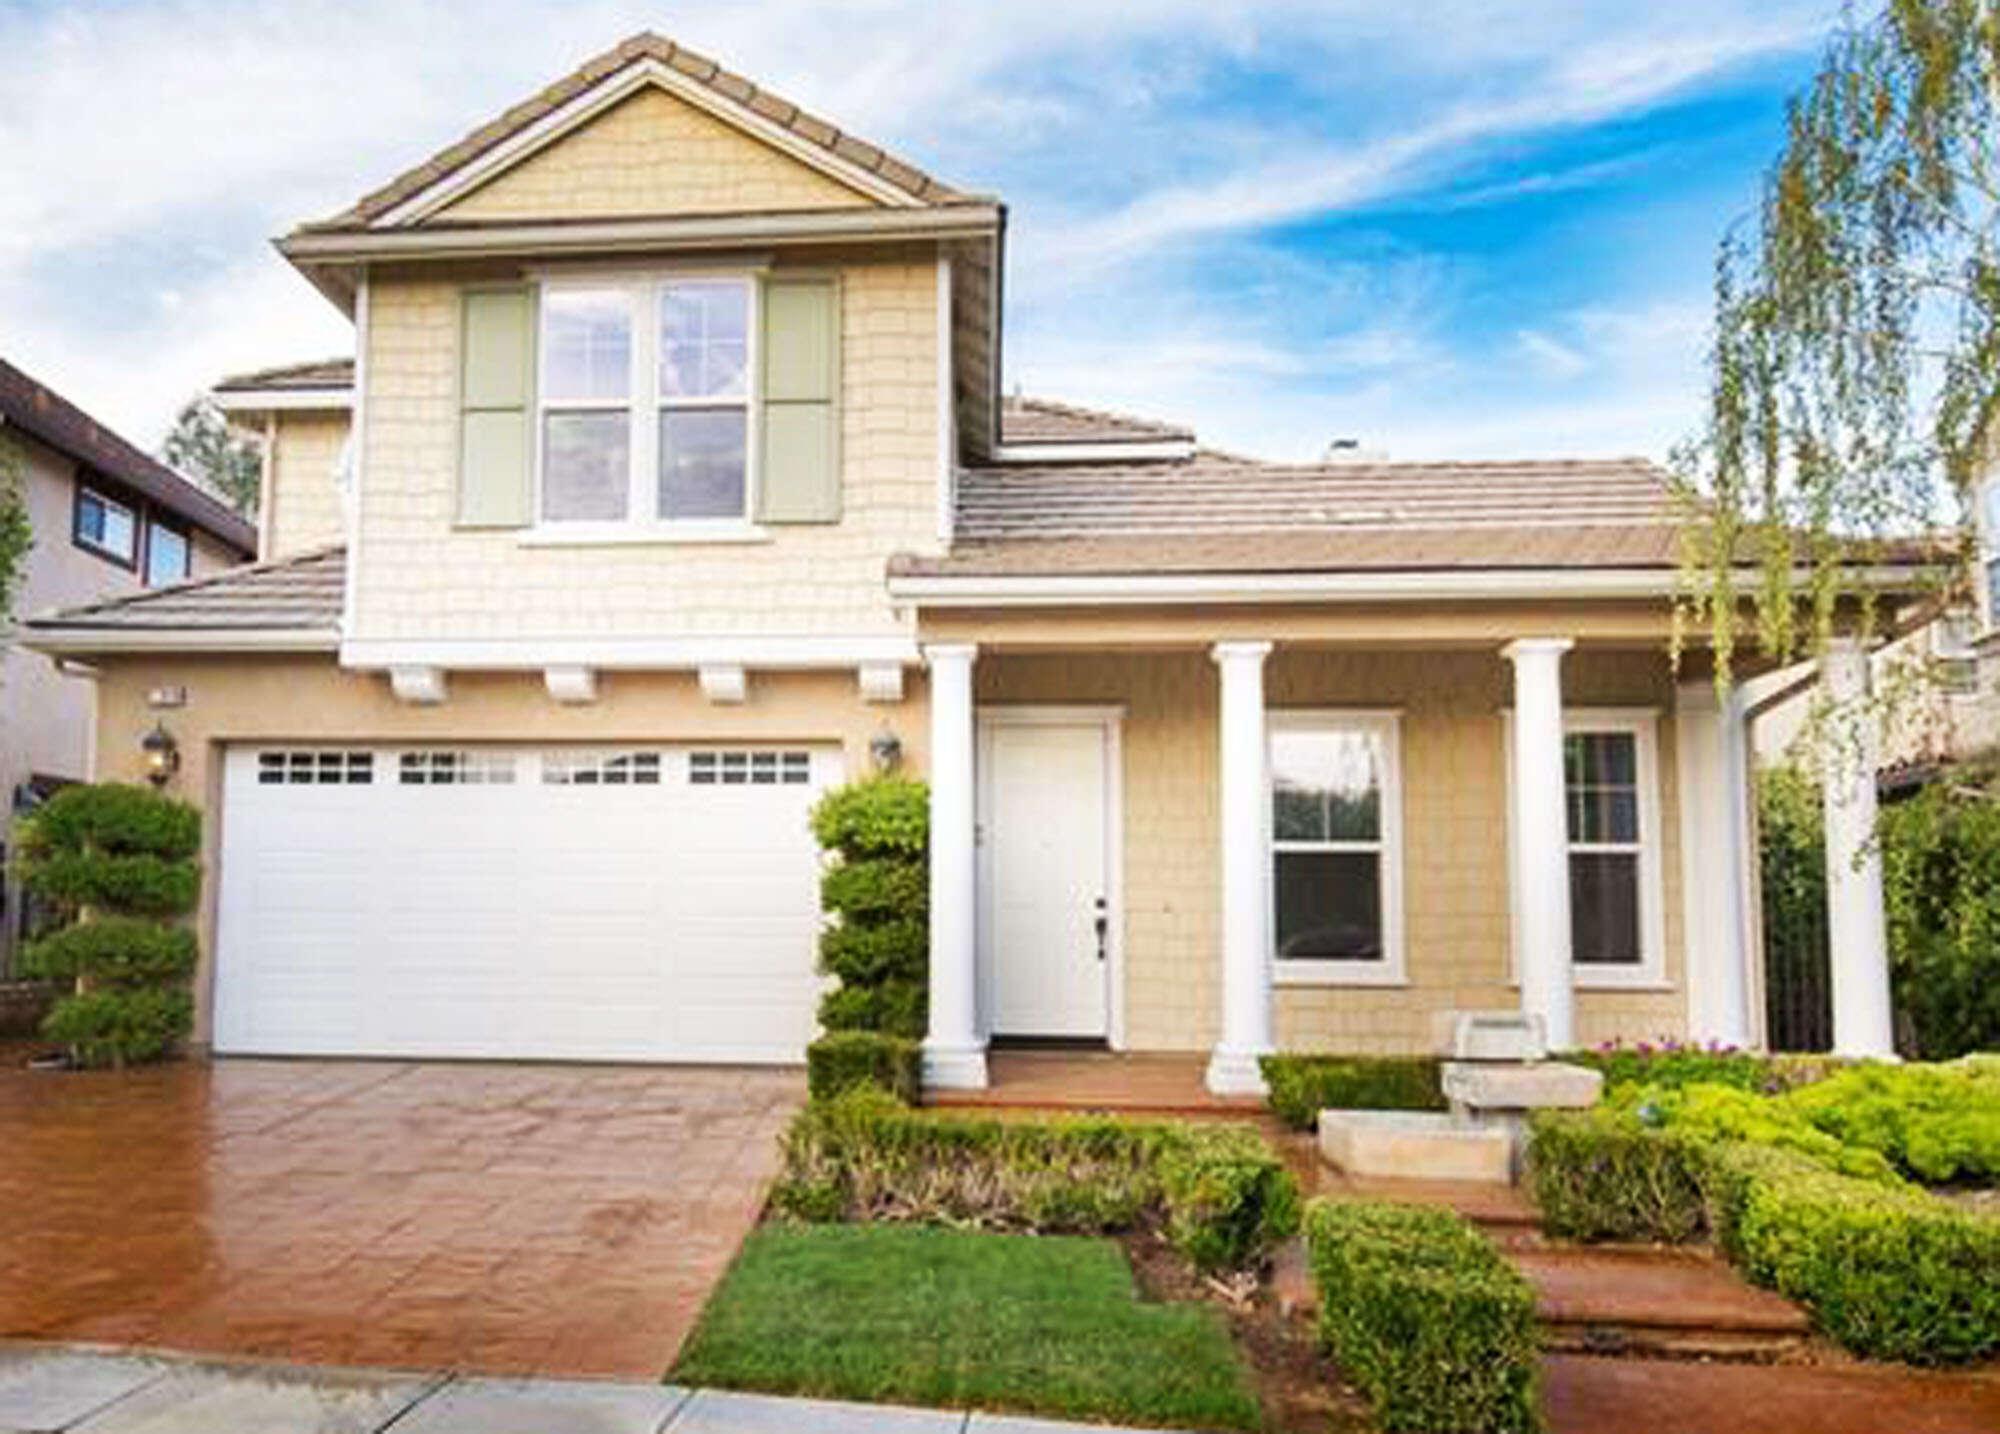 Single Family for Sale at 27010 E Island Rd Valencia, California 91355 United States